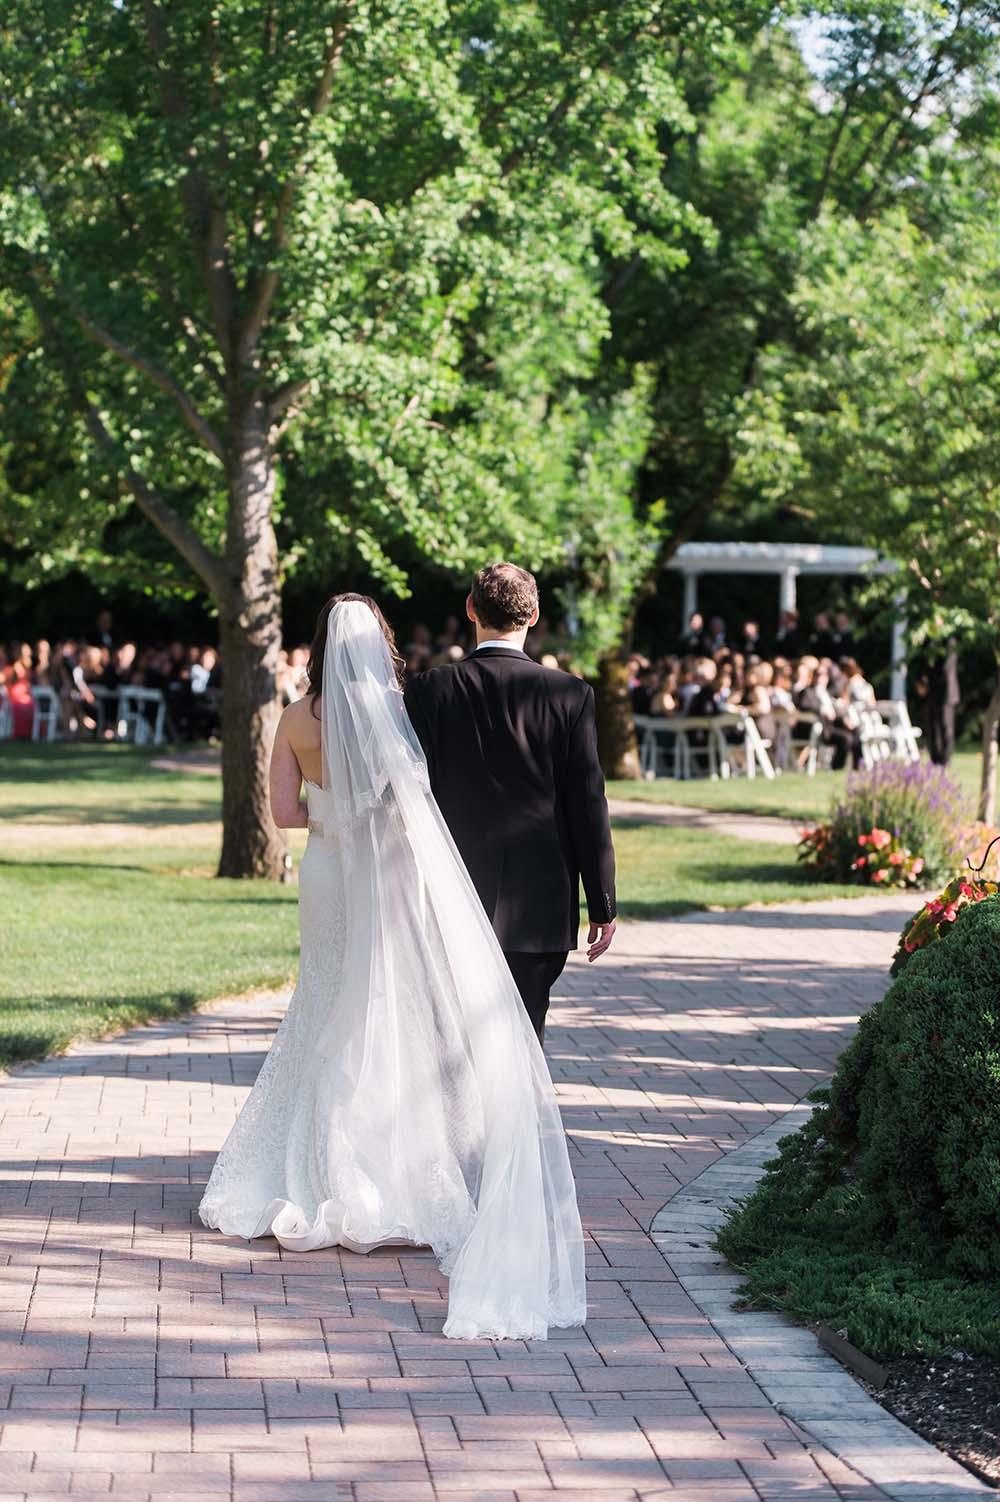 farmington-gardens-wedding-greg-lewis-photography-28